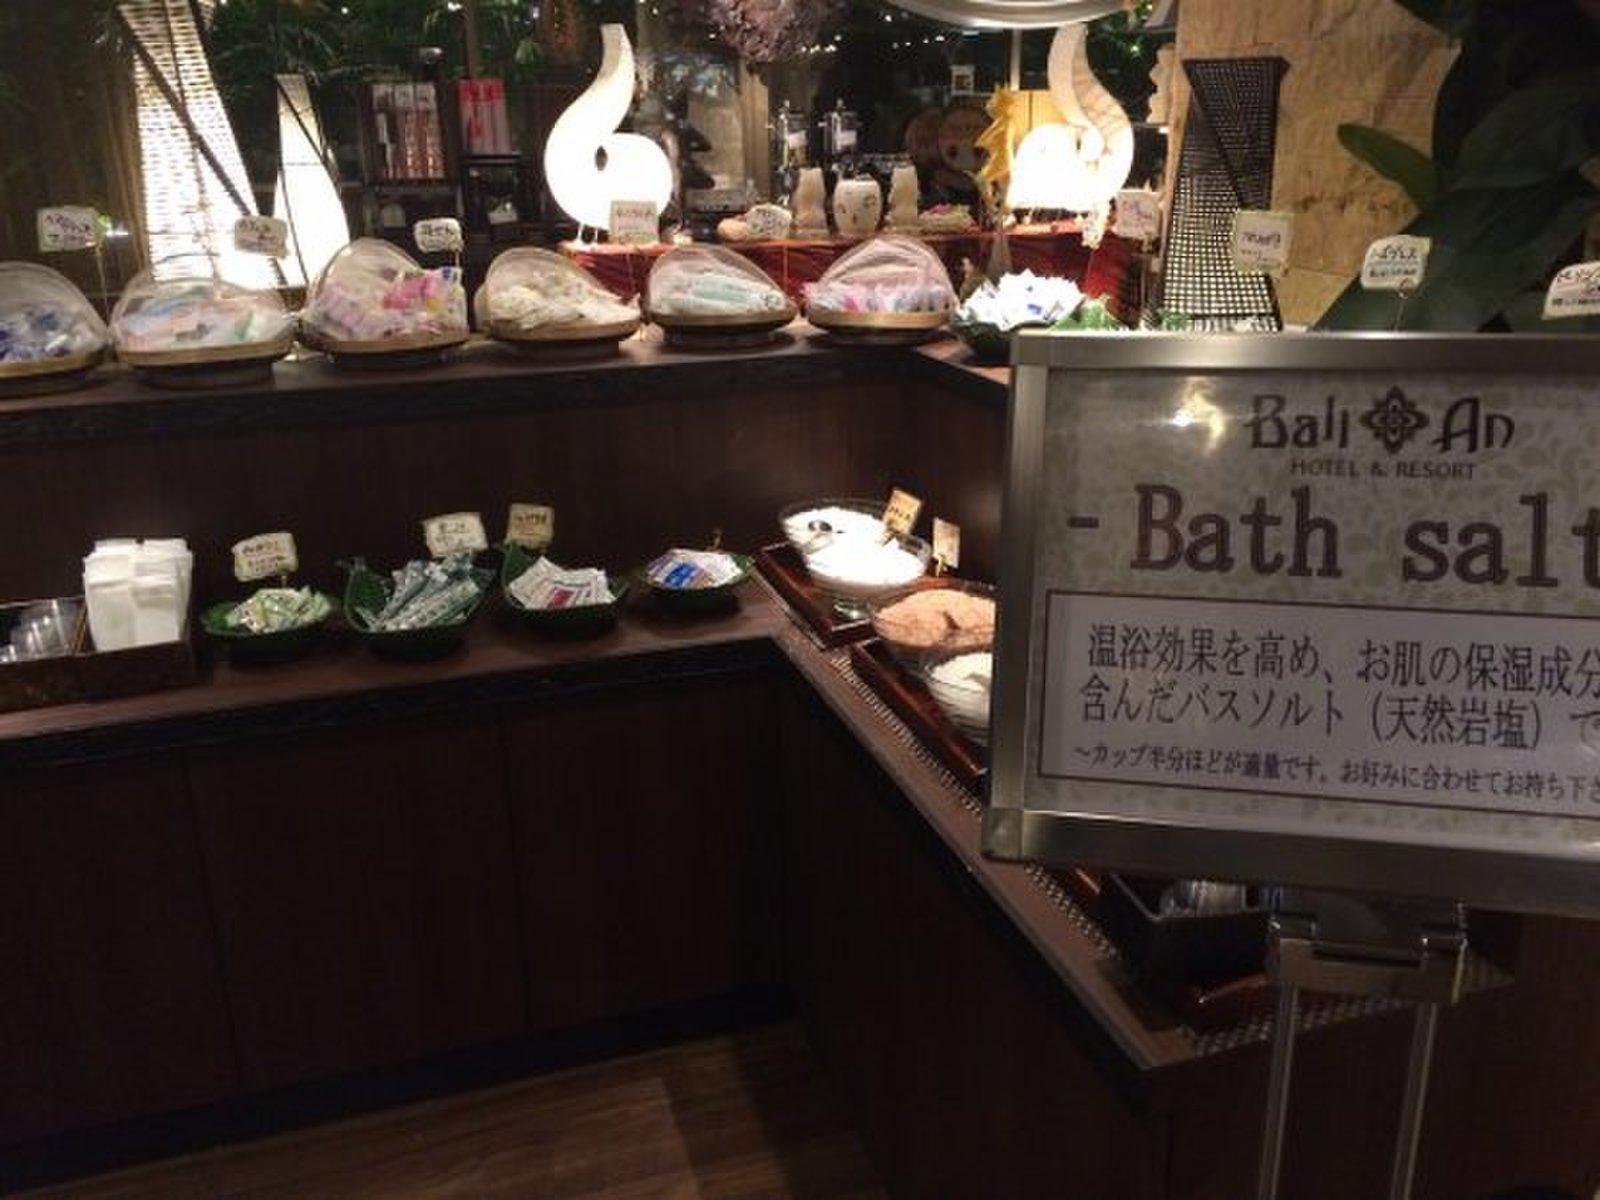 バリアンリゾート 新宿本店